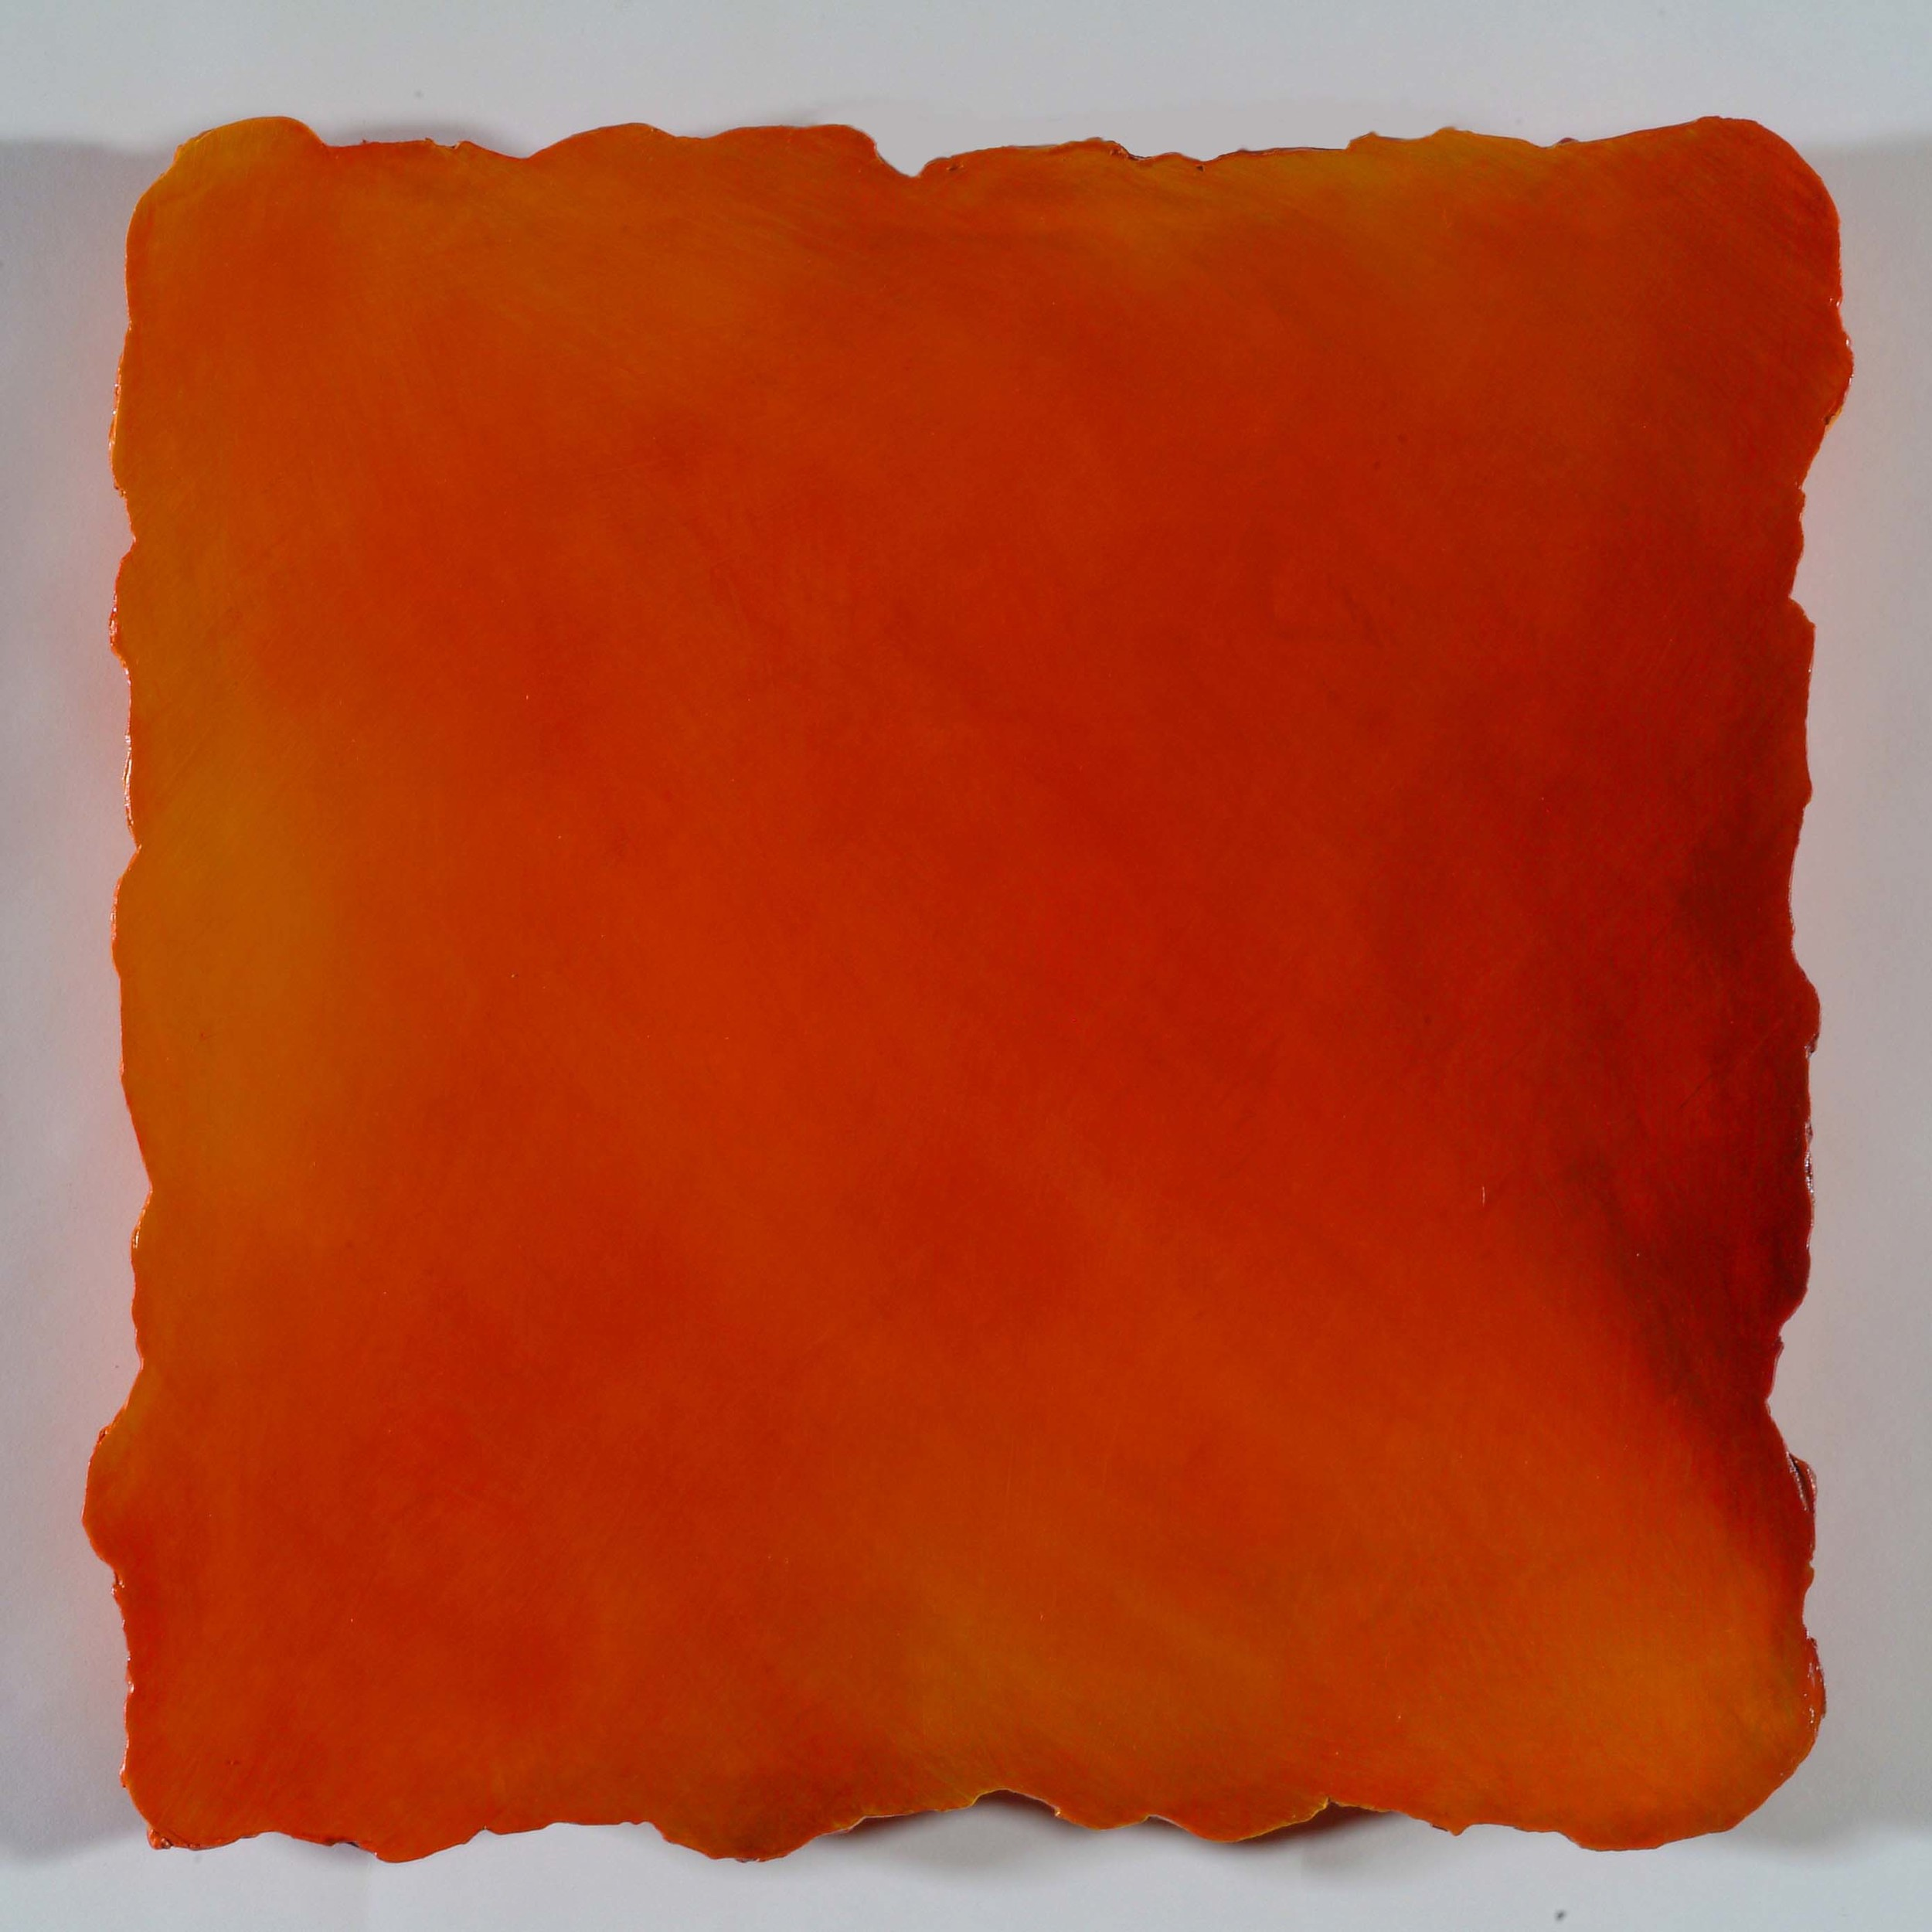 #243 Orange,  Oil on Canvas on Gesso-plaster Ground, 13 x 13